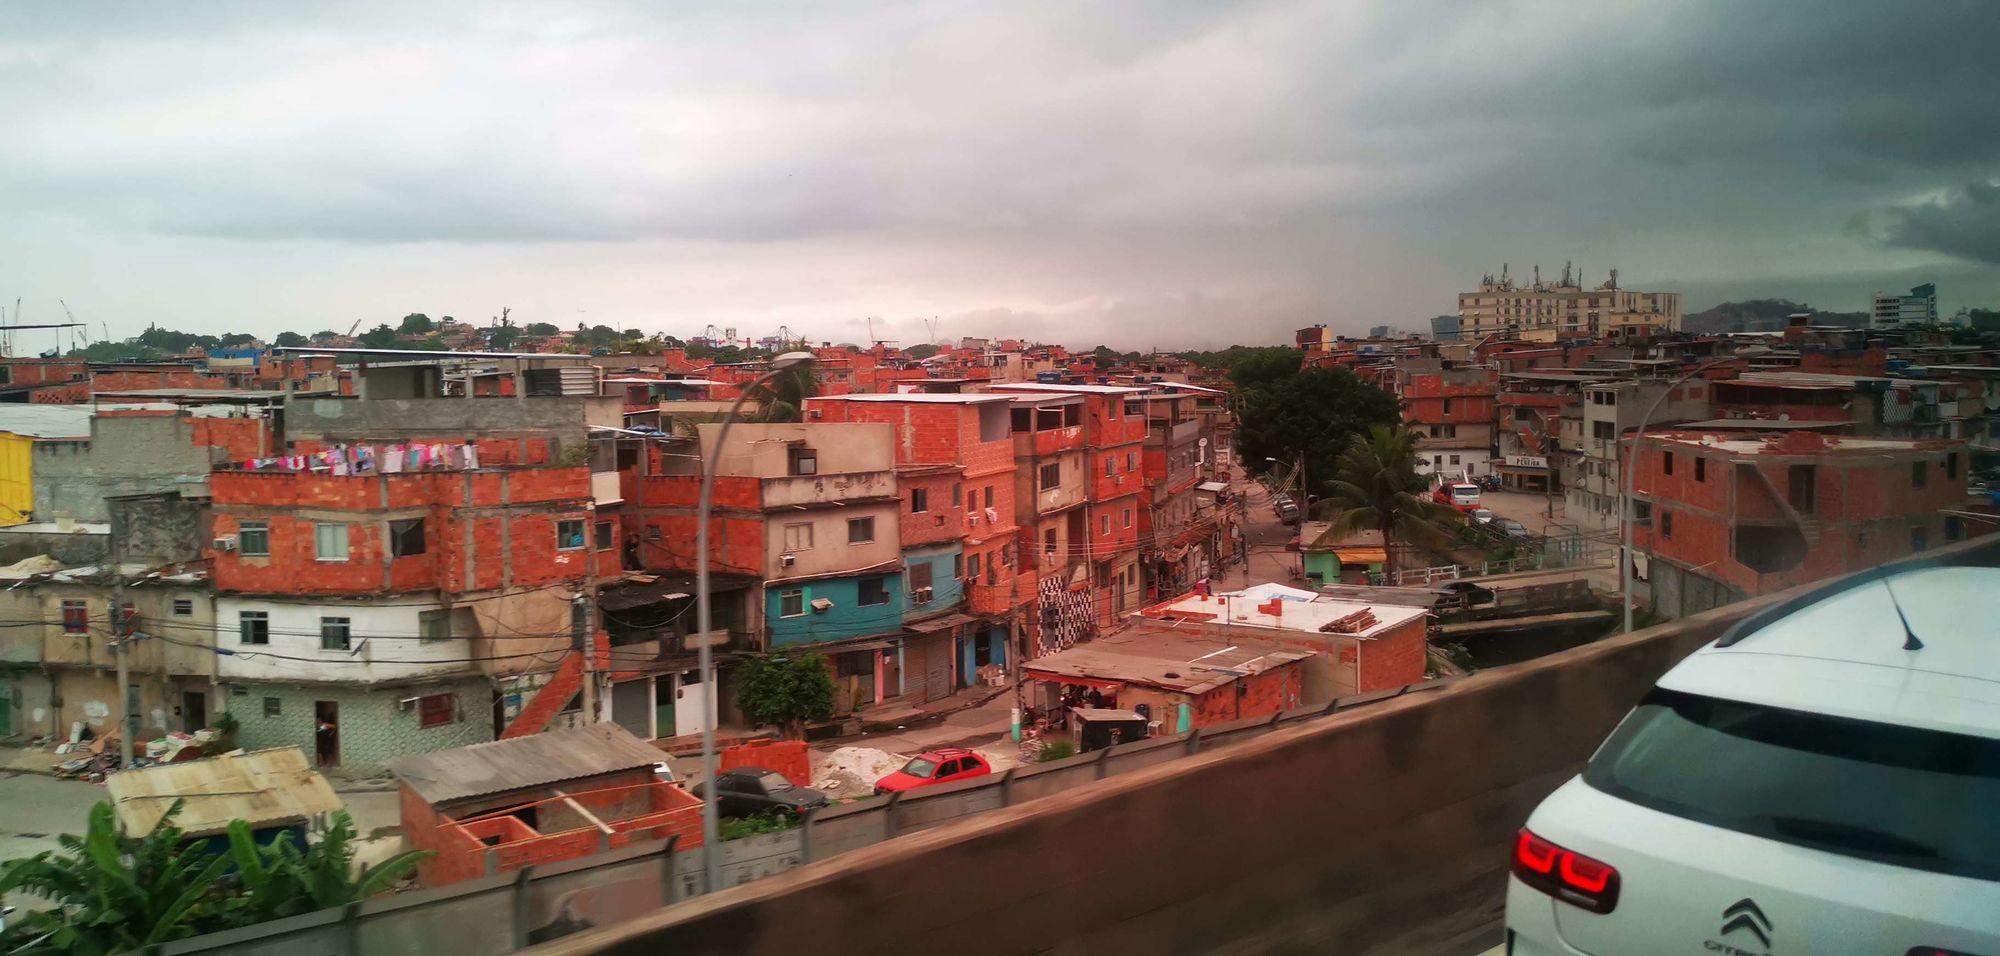 西游记之十三一一巴西里约热内卢